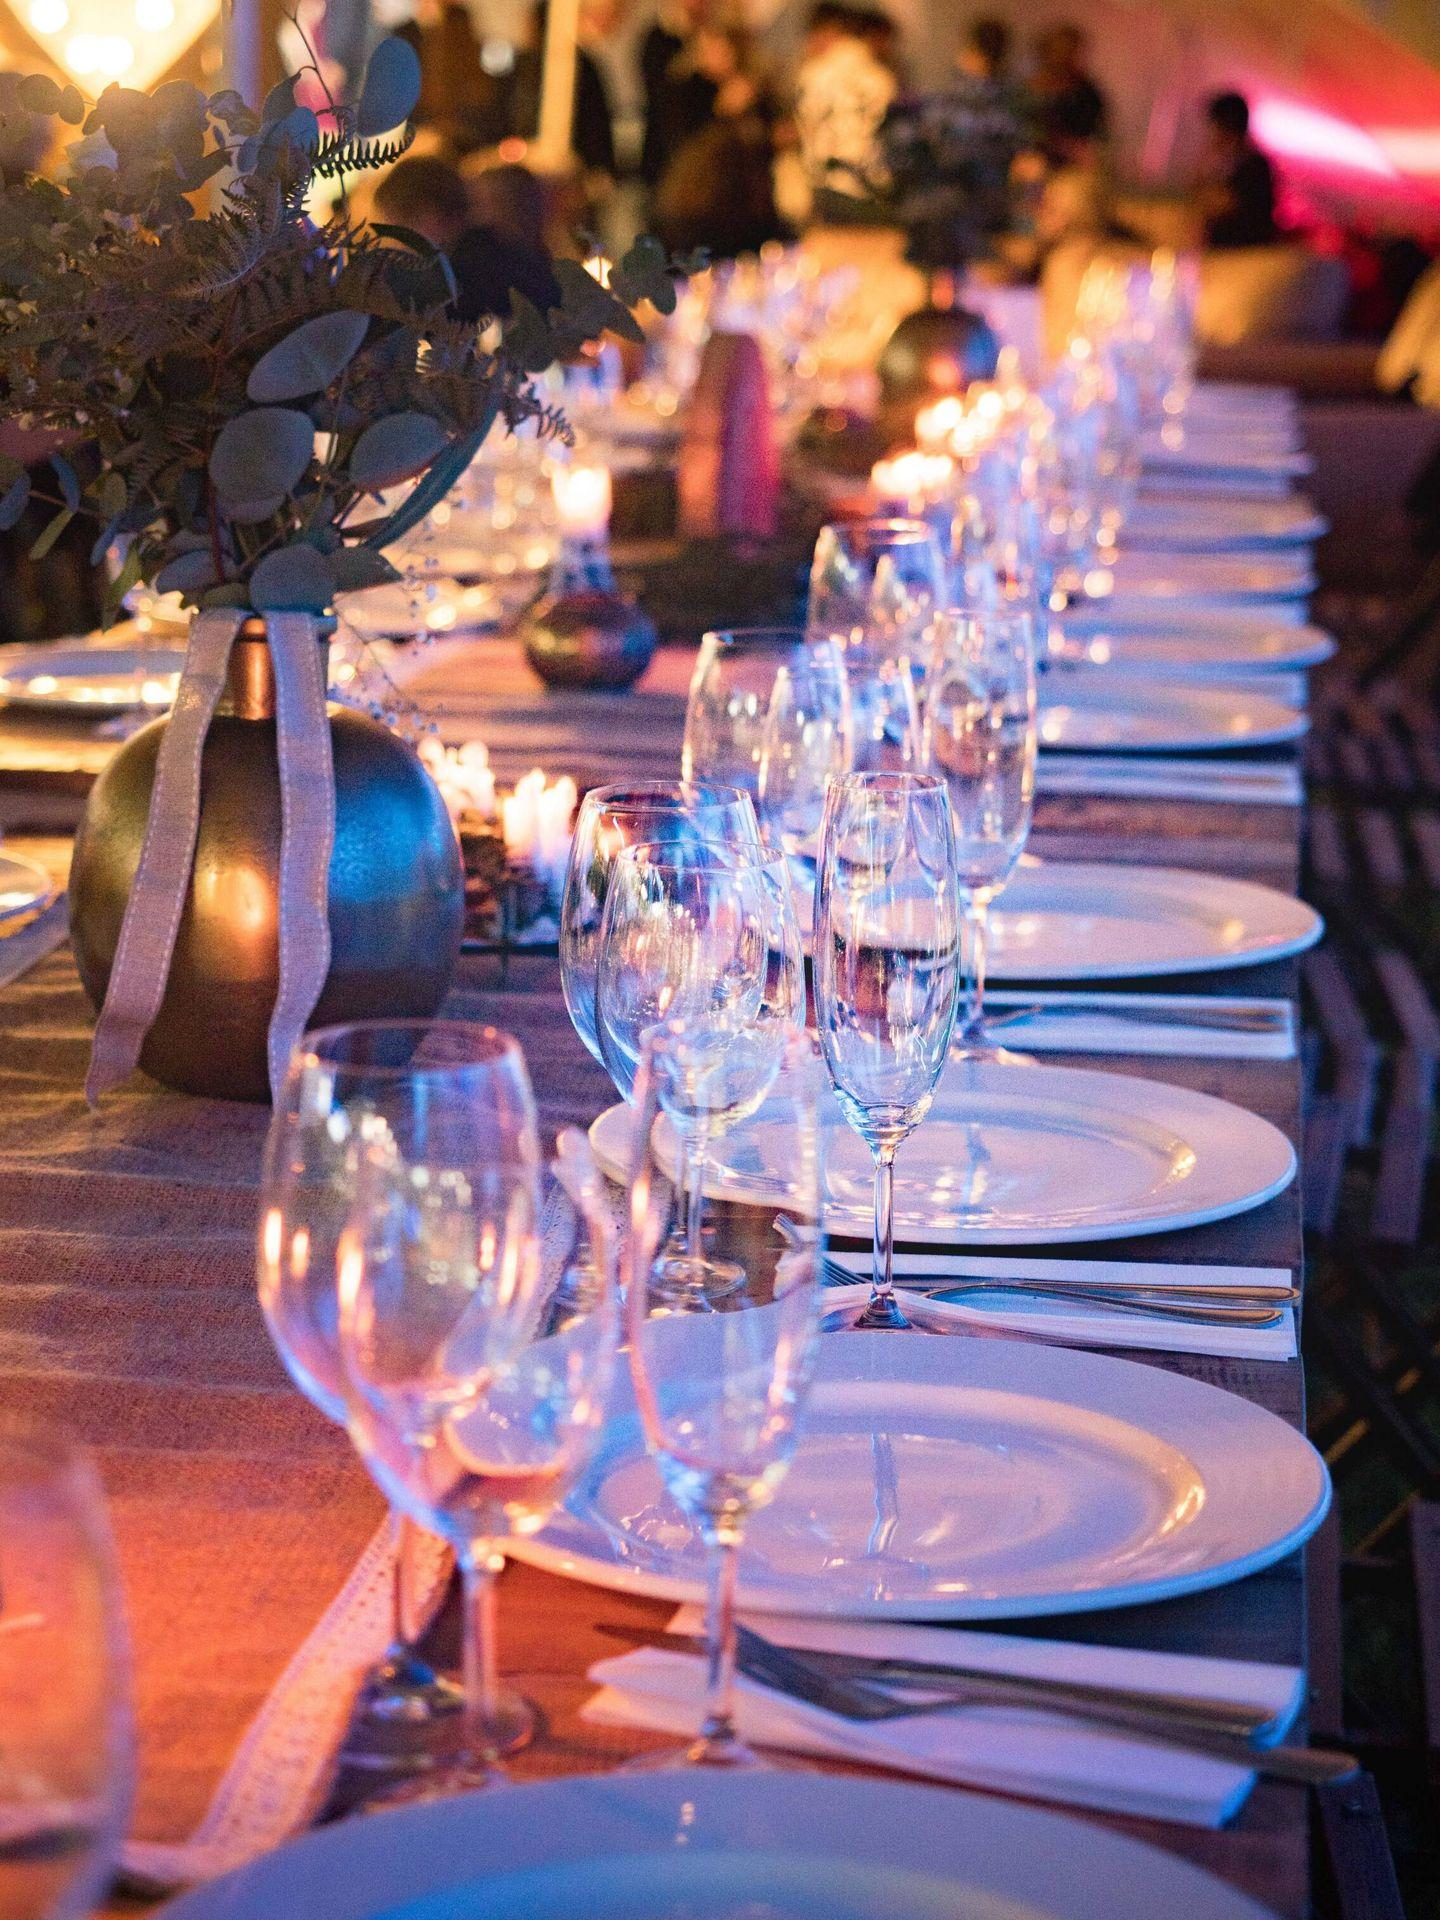 Distribución de las mesas en la boda. (Tembela Bohle para Pexels)